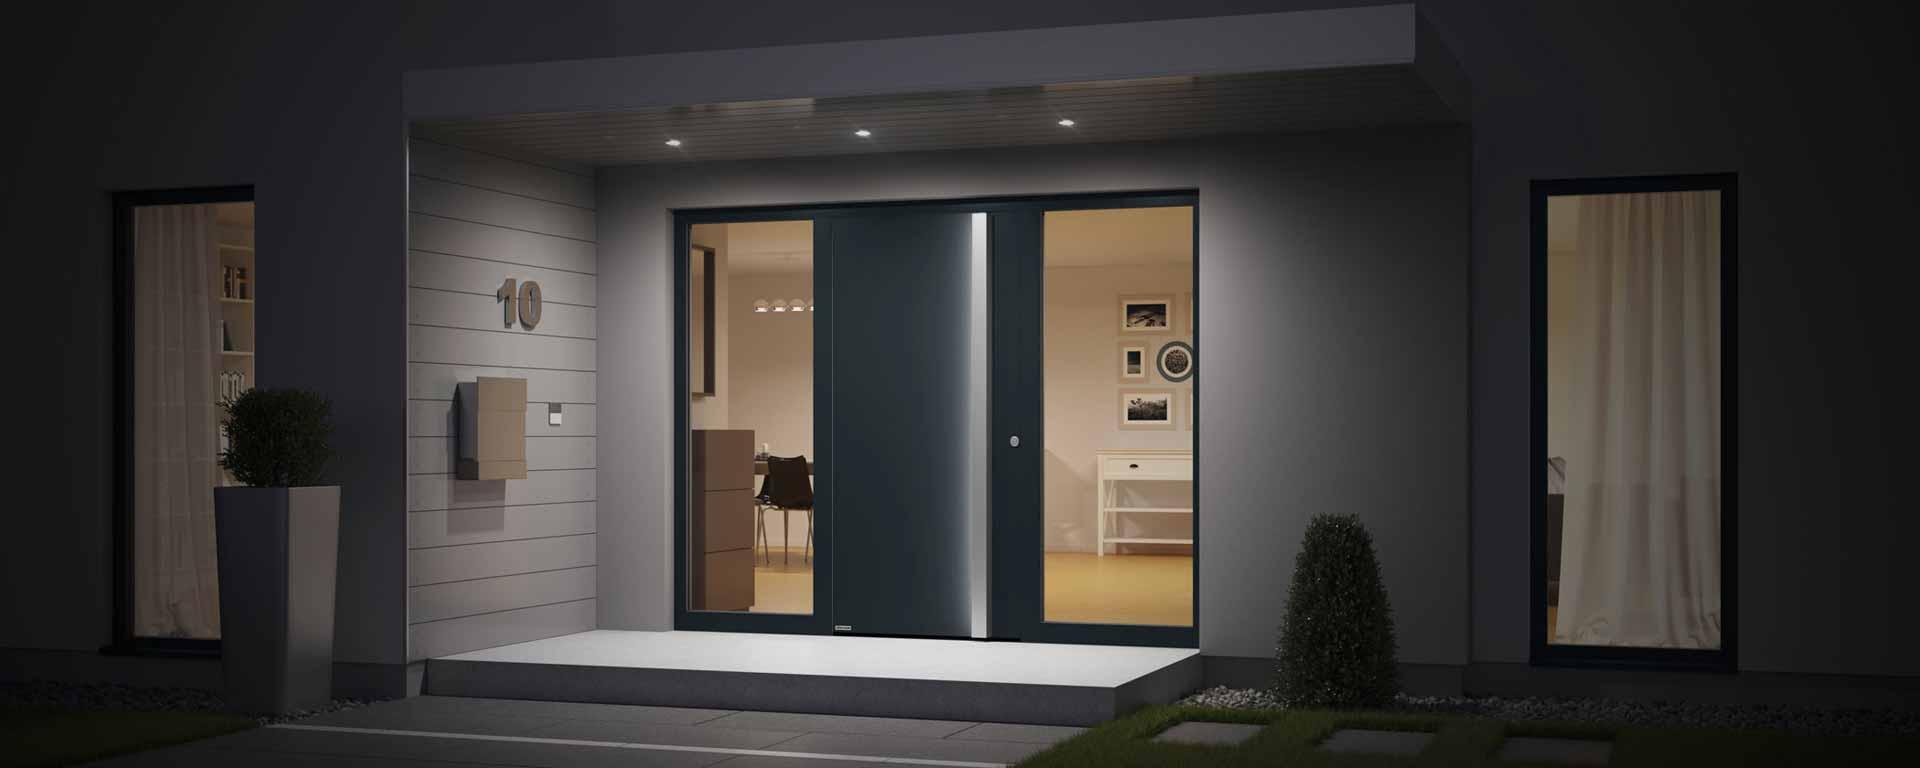 Dimensioni Porta Ingresso Casa porta d'ingresso hörmann | porte d'ingresso per maggior